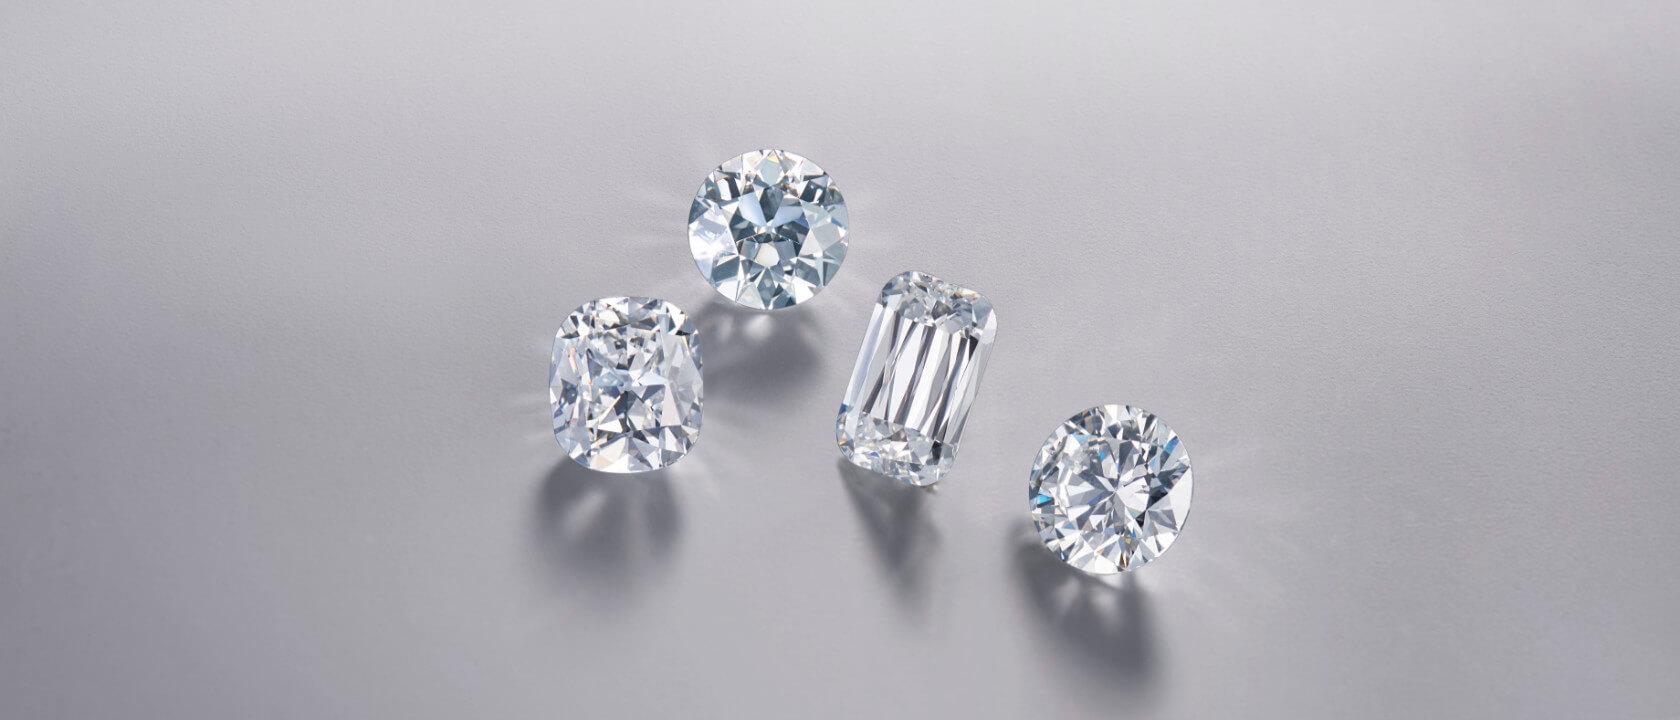 Diamond Education, Image of Diamond Cut